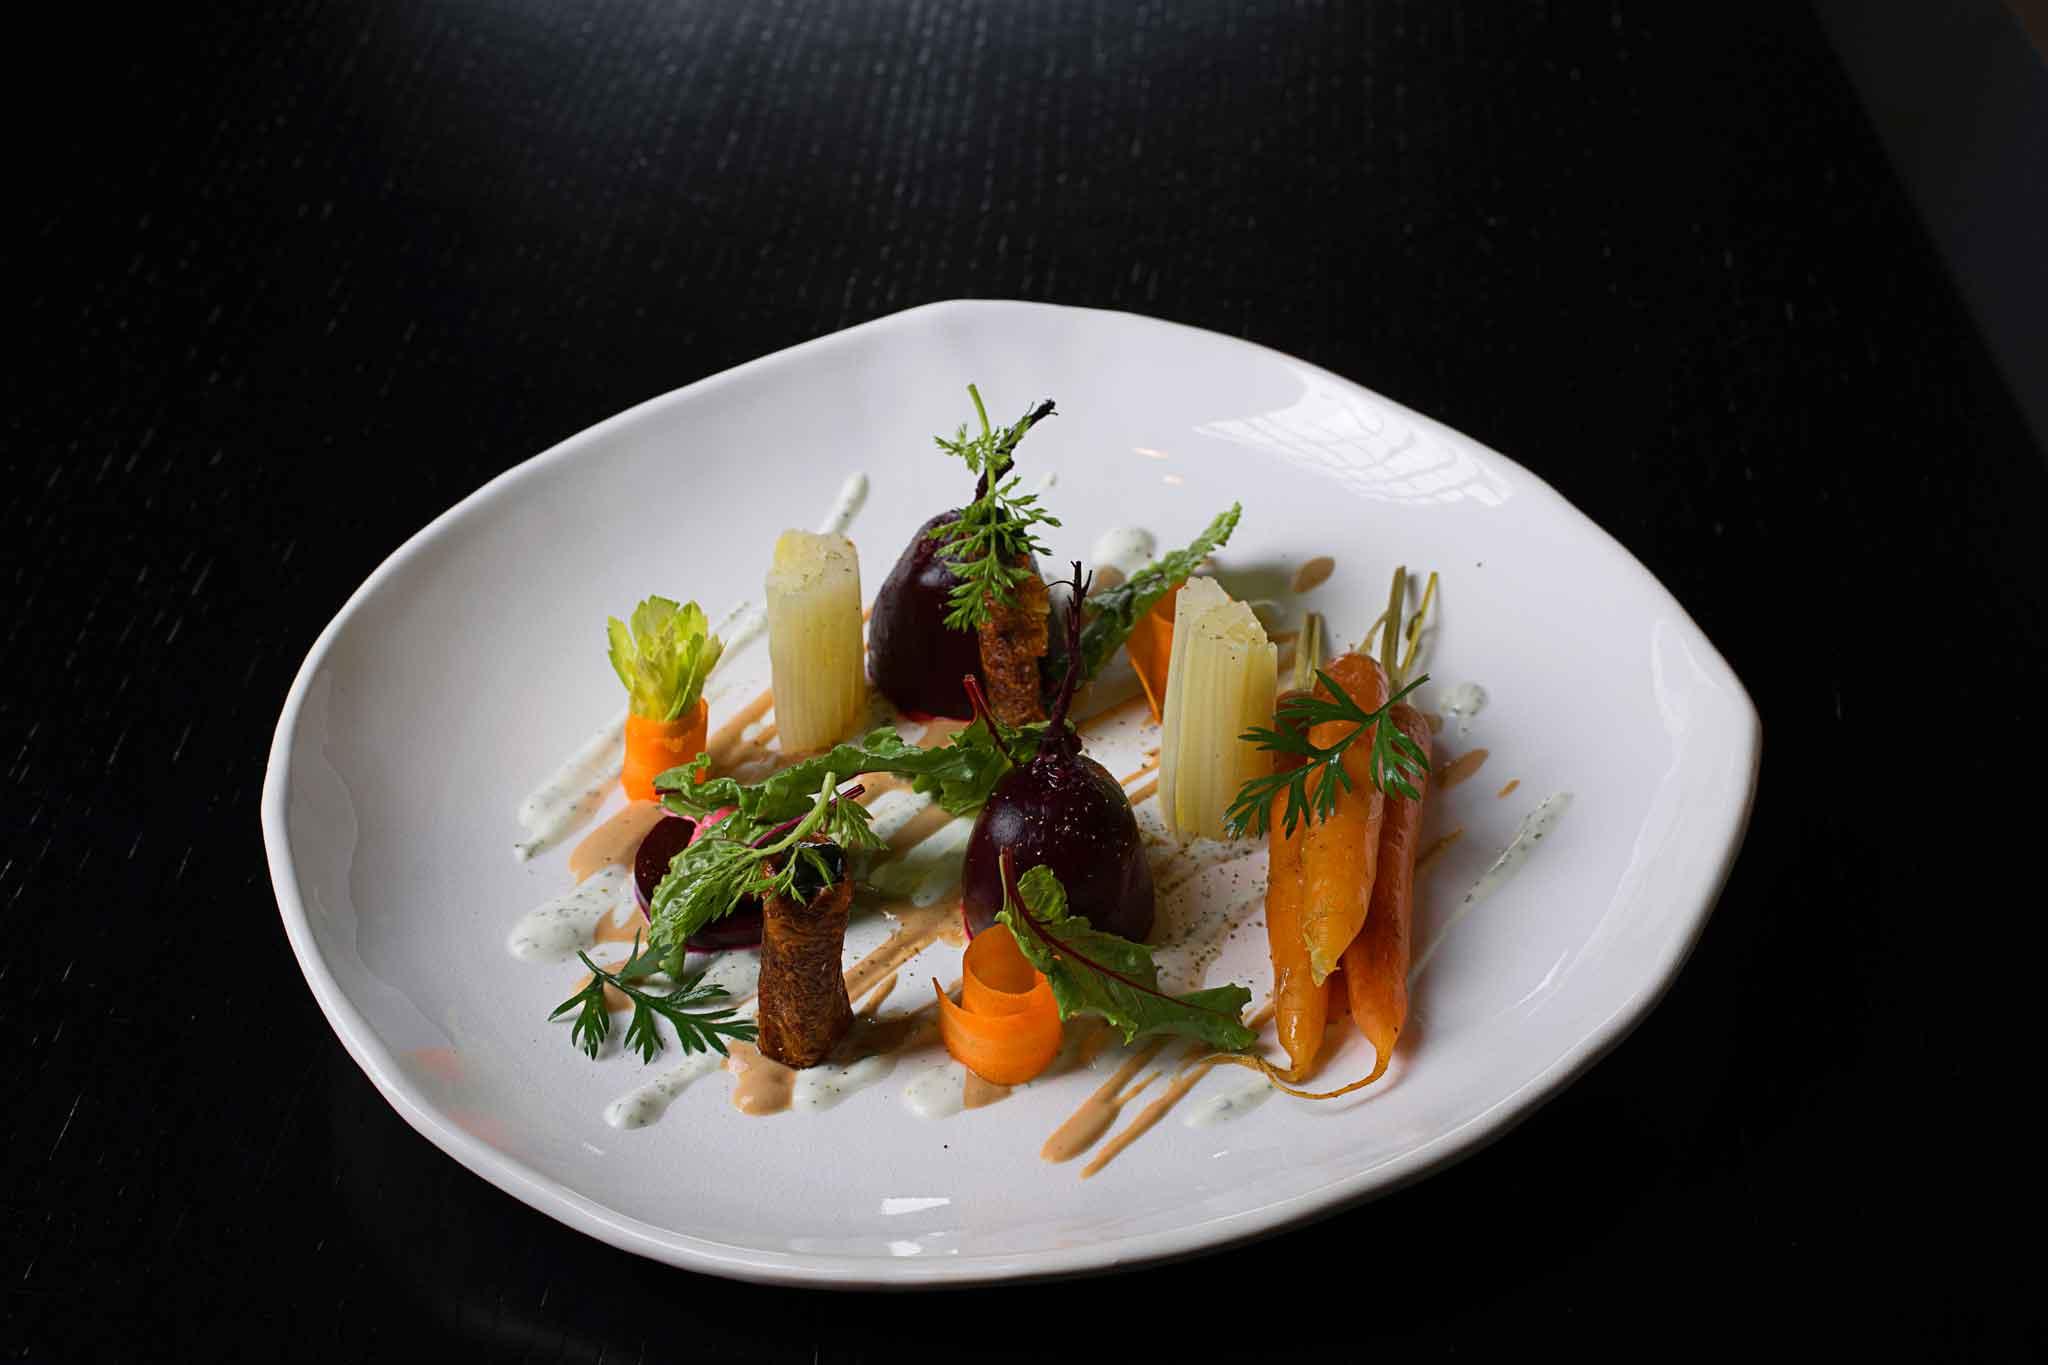 Insalata di carote barbabietola sedano